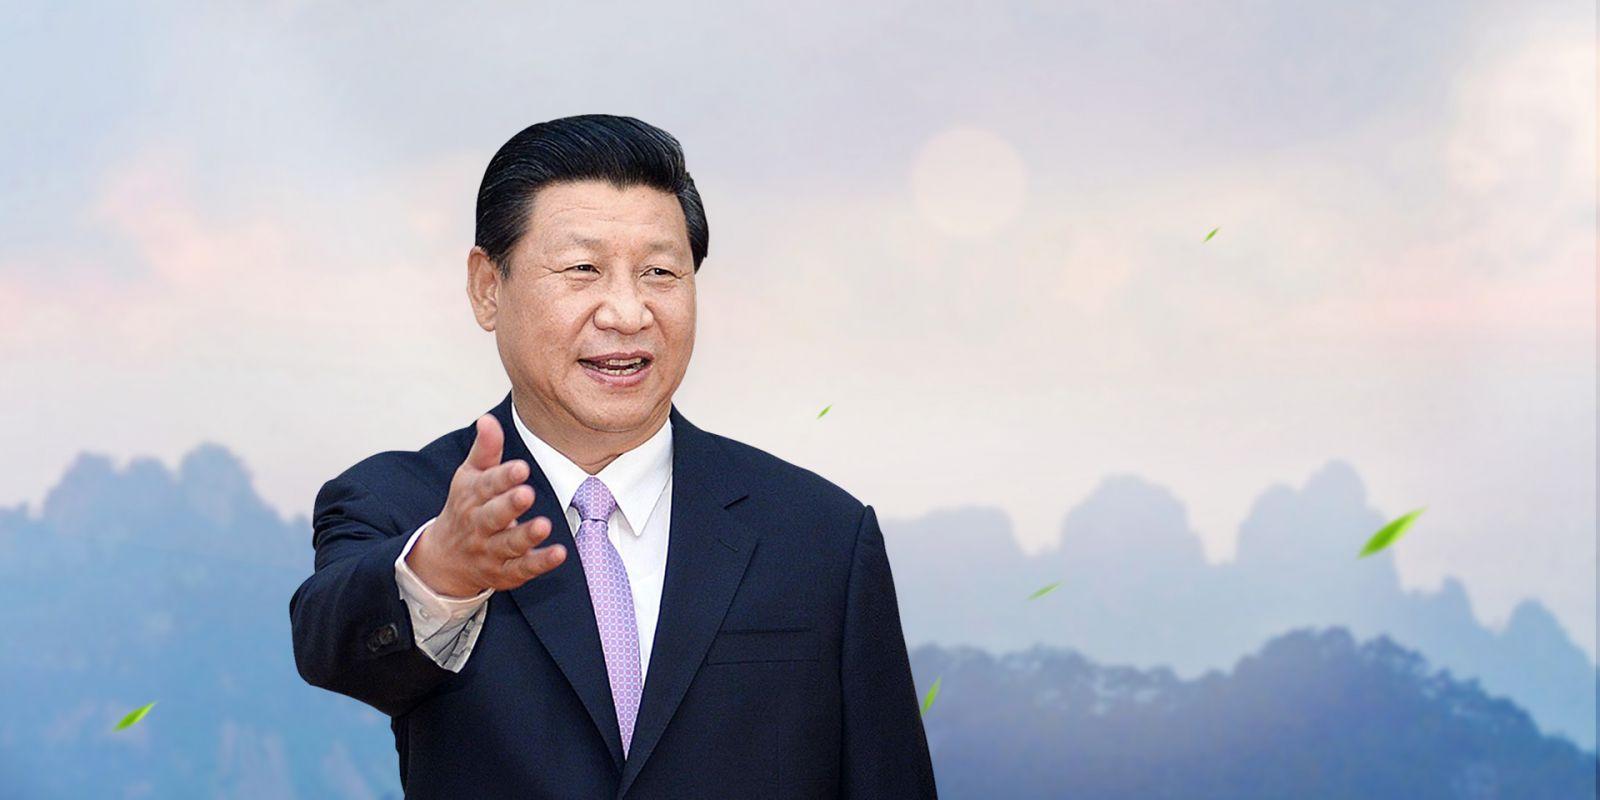 文在寅承諾部署薩德不損中國利益